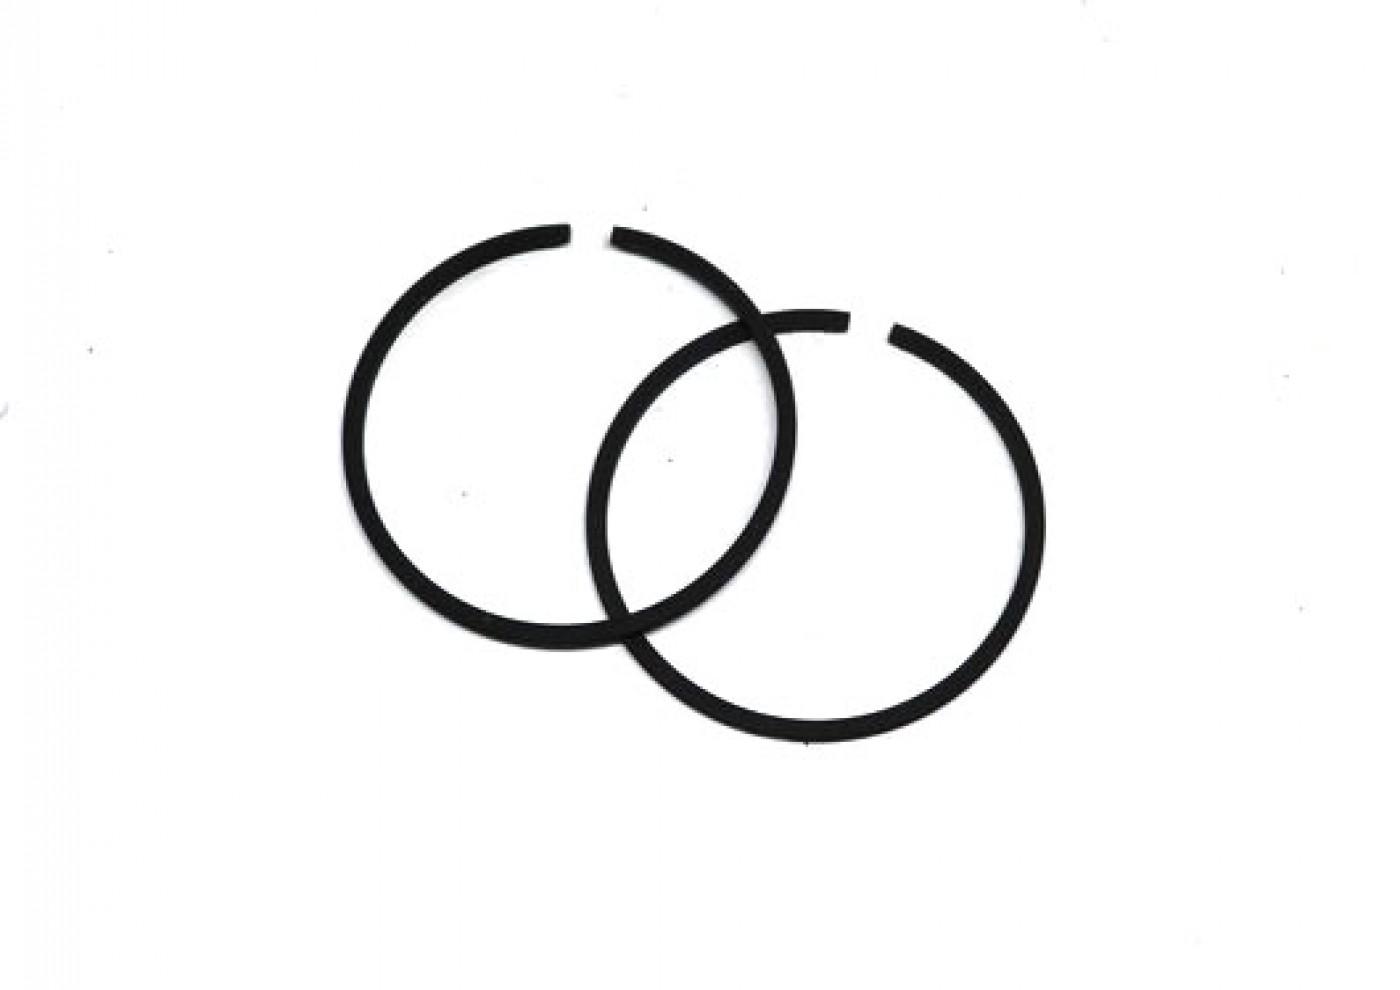 Sada pístních kroužků Stihl MS260 026 - 44 mm